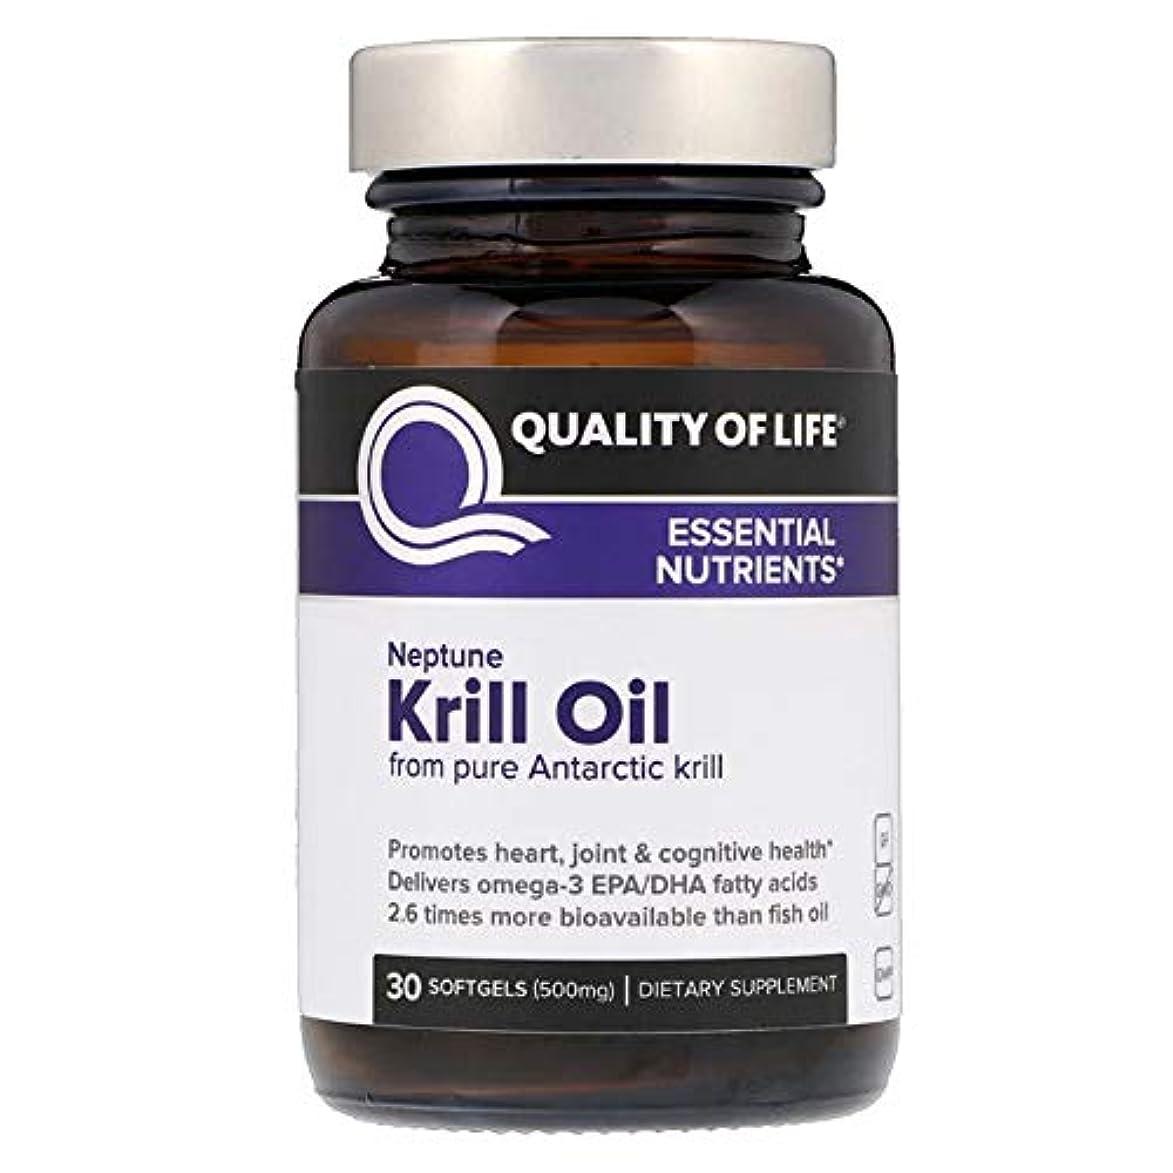 緊急絶滅なすQuality of Life Labs ネプチューンクリルオイル 必須栄養素 500 mg ソフトジェル 30個 【アメリカ直送】